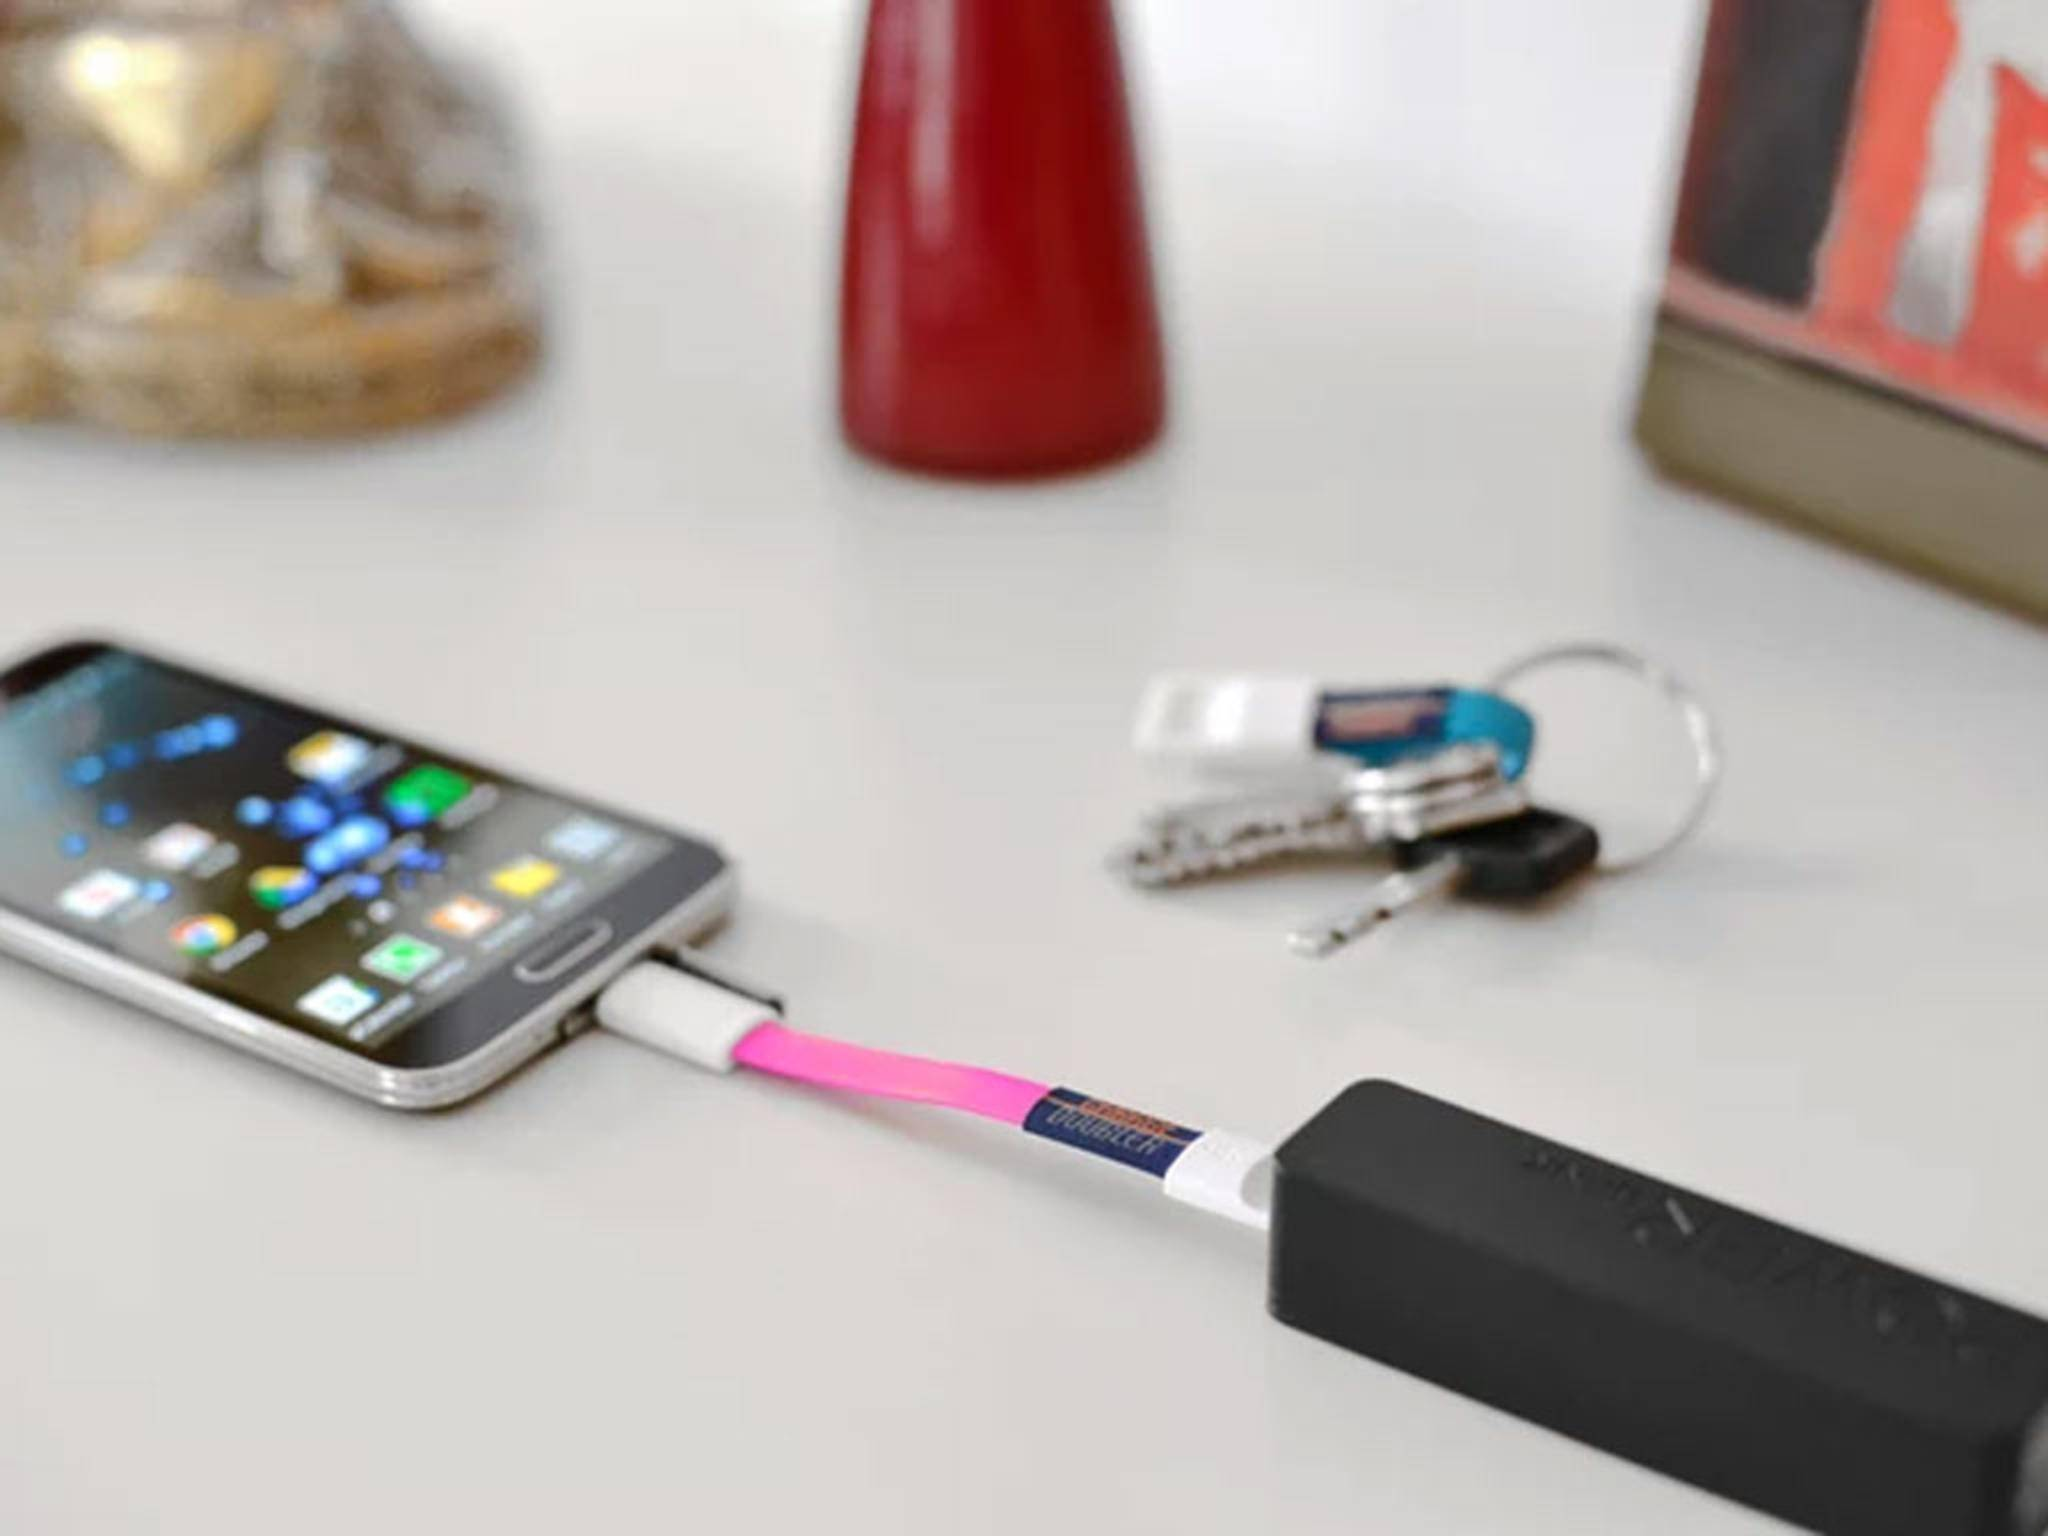 Mit dem USB Double Charger sollen sich Smartphones viel schneller laden lassen.